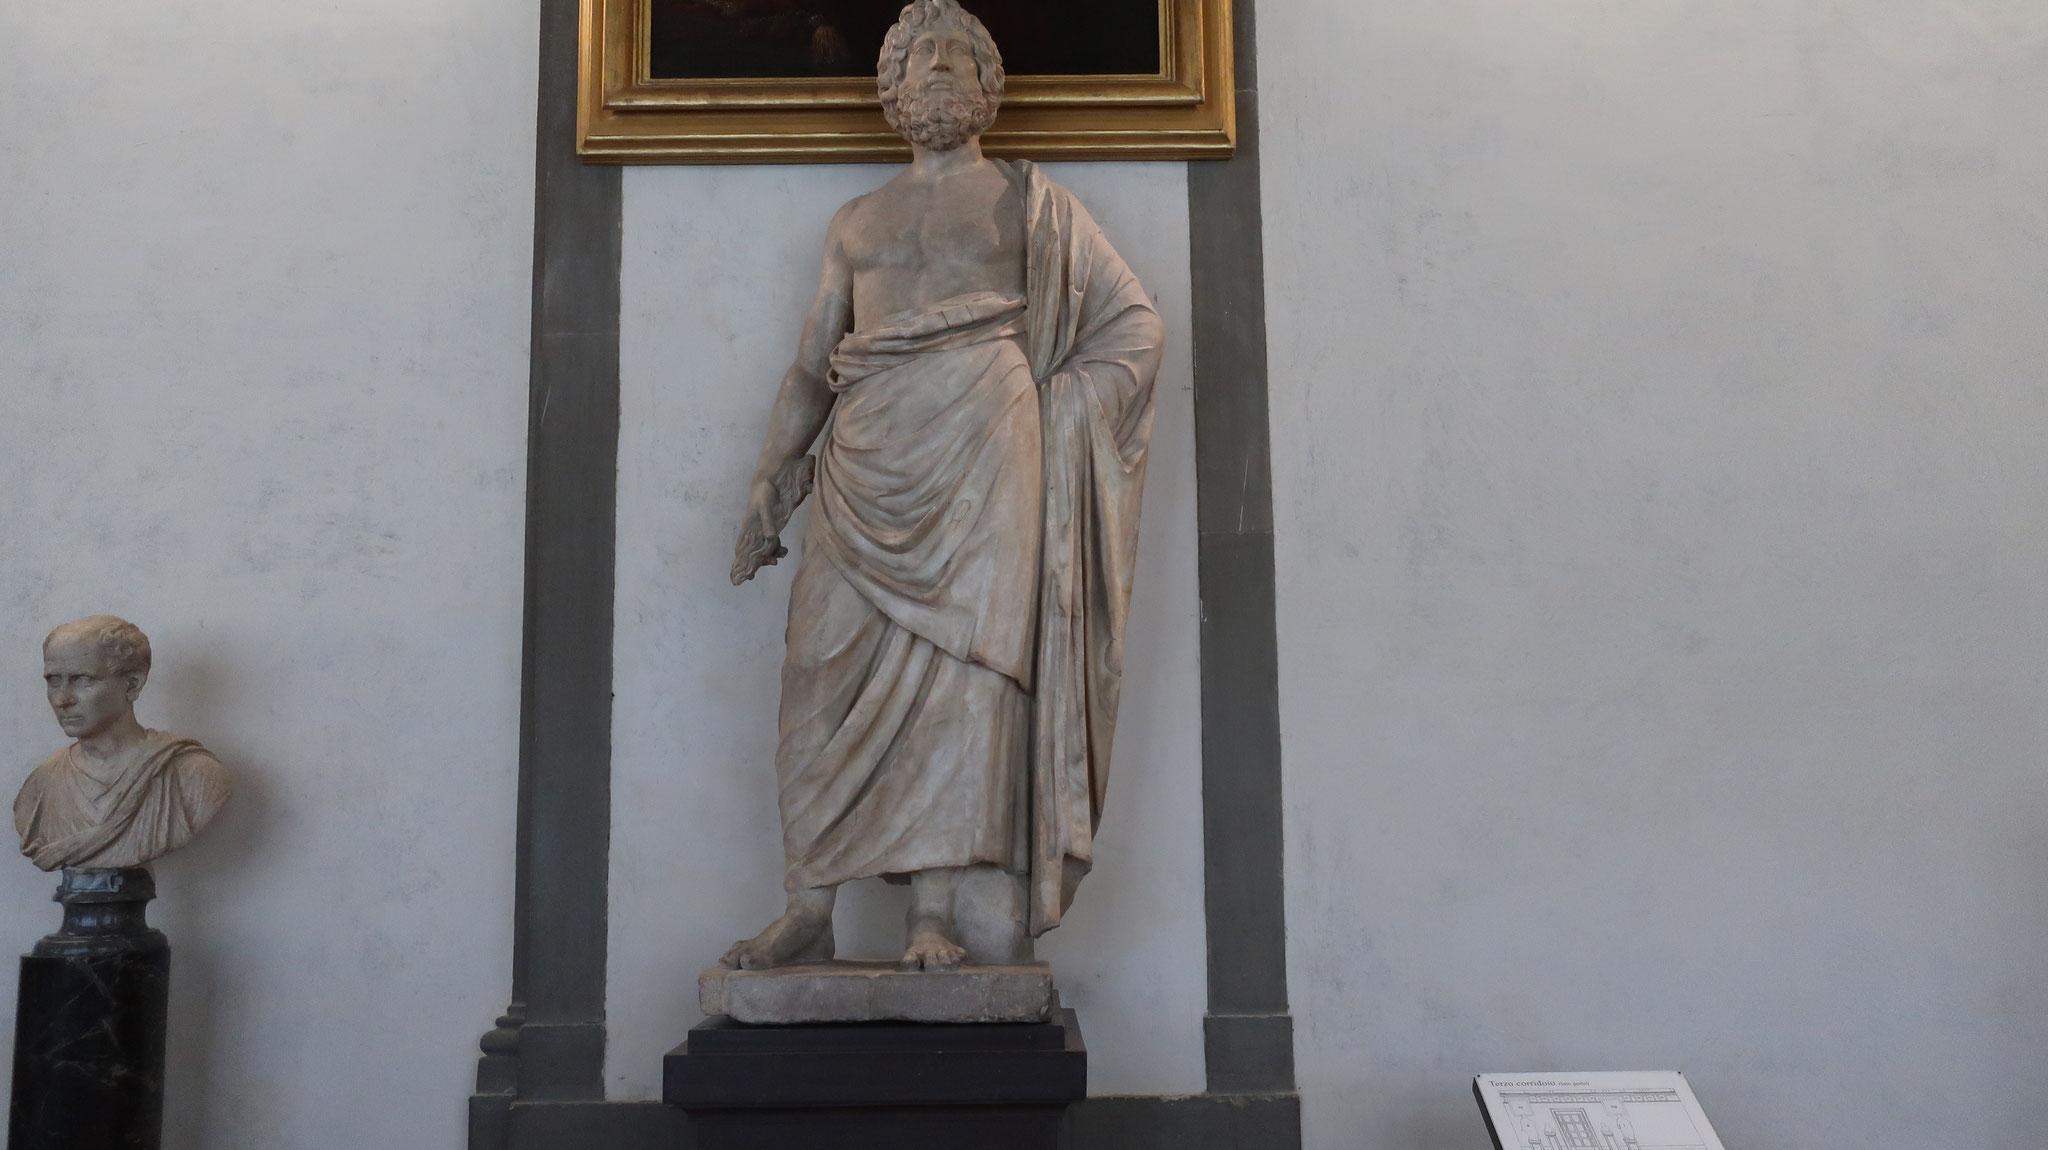 全能の神ゼウス像。古代ローマ時代の人は、アスクレピオス像の杖を取っ払ってこの像を作ったそうです。右手に握っているのは杖の根本の部分です。